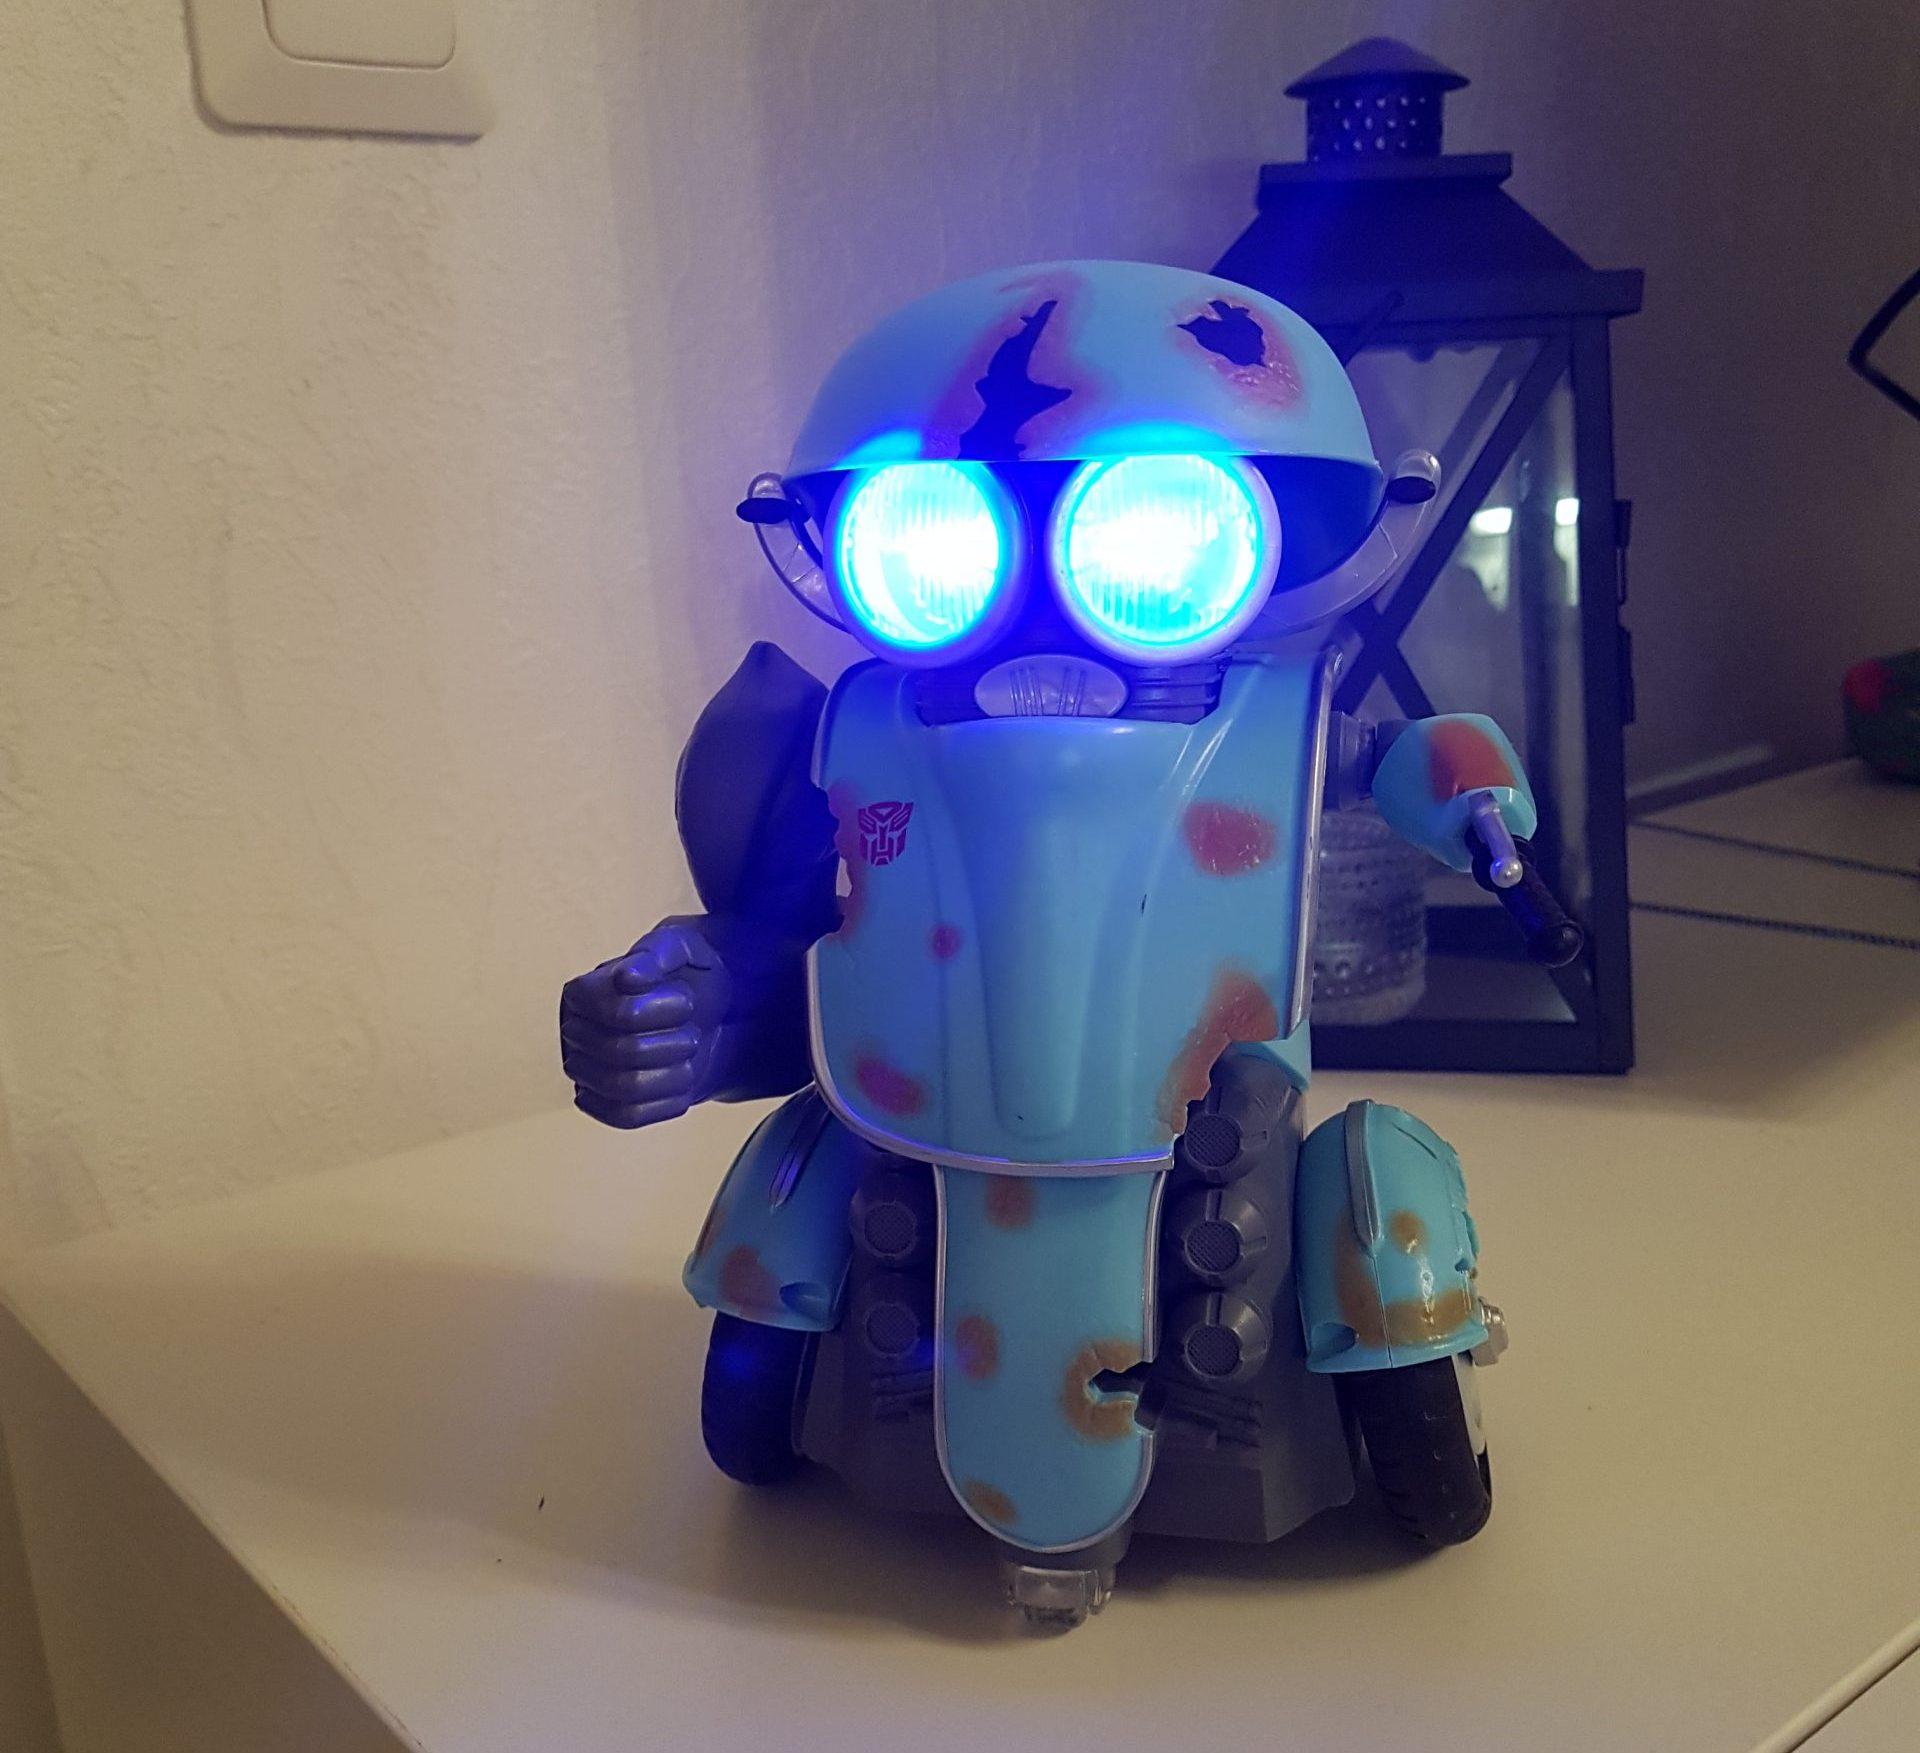 Robotti, joka vei järjen, yöunet ja mielenrauhan